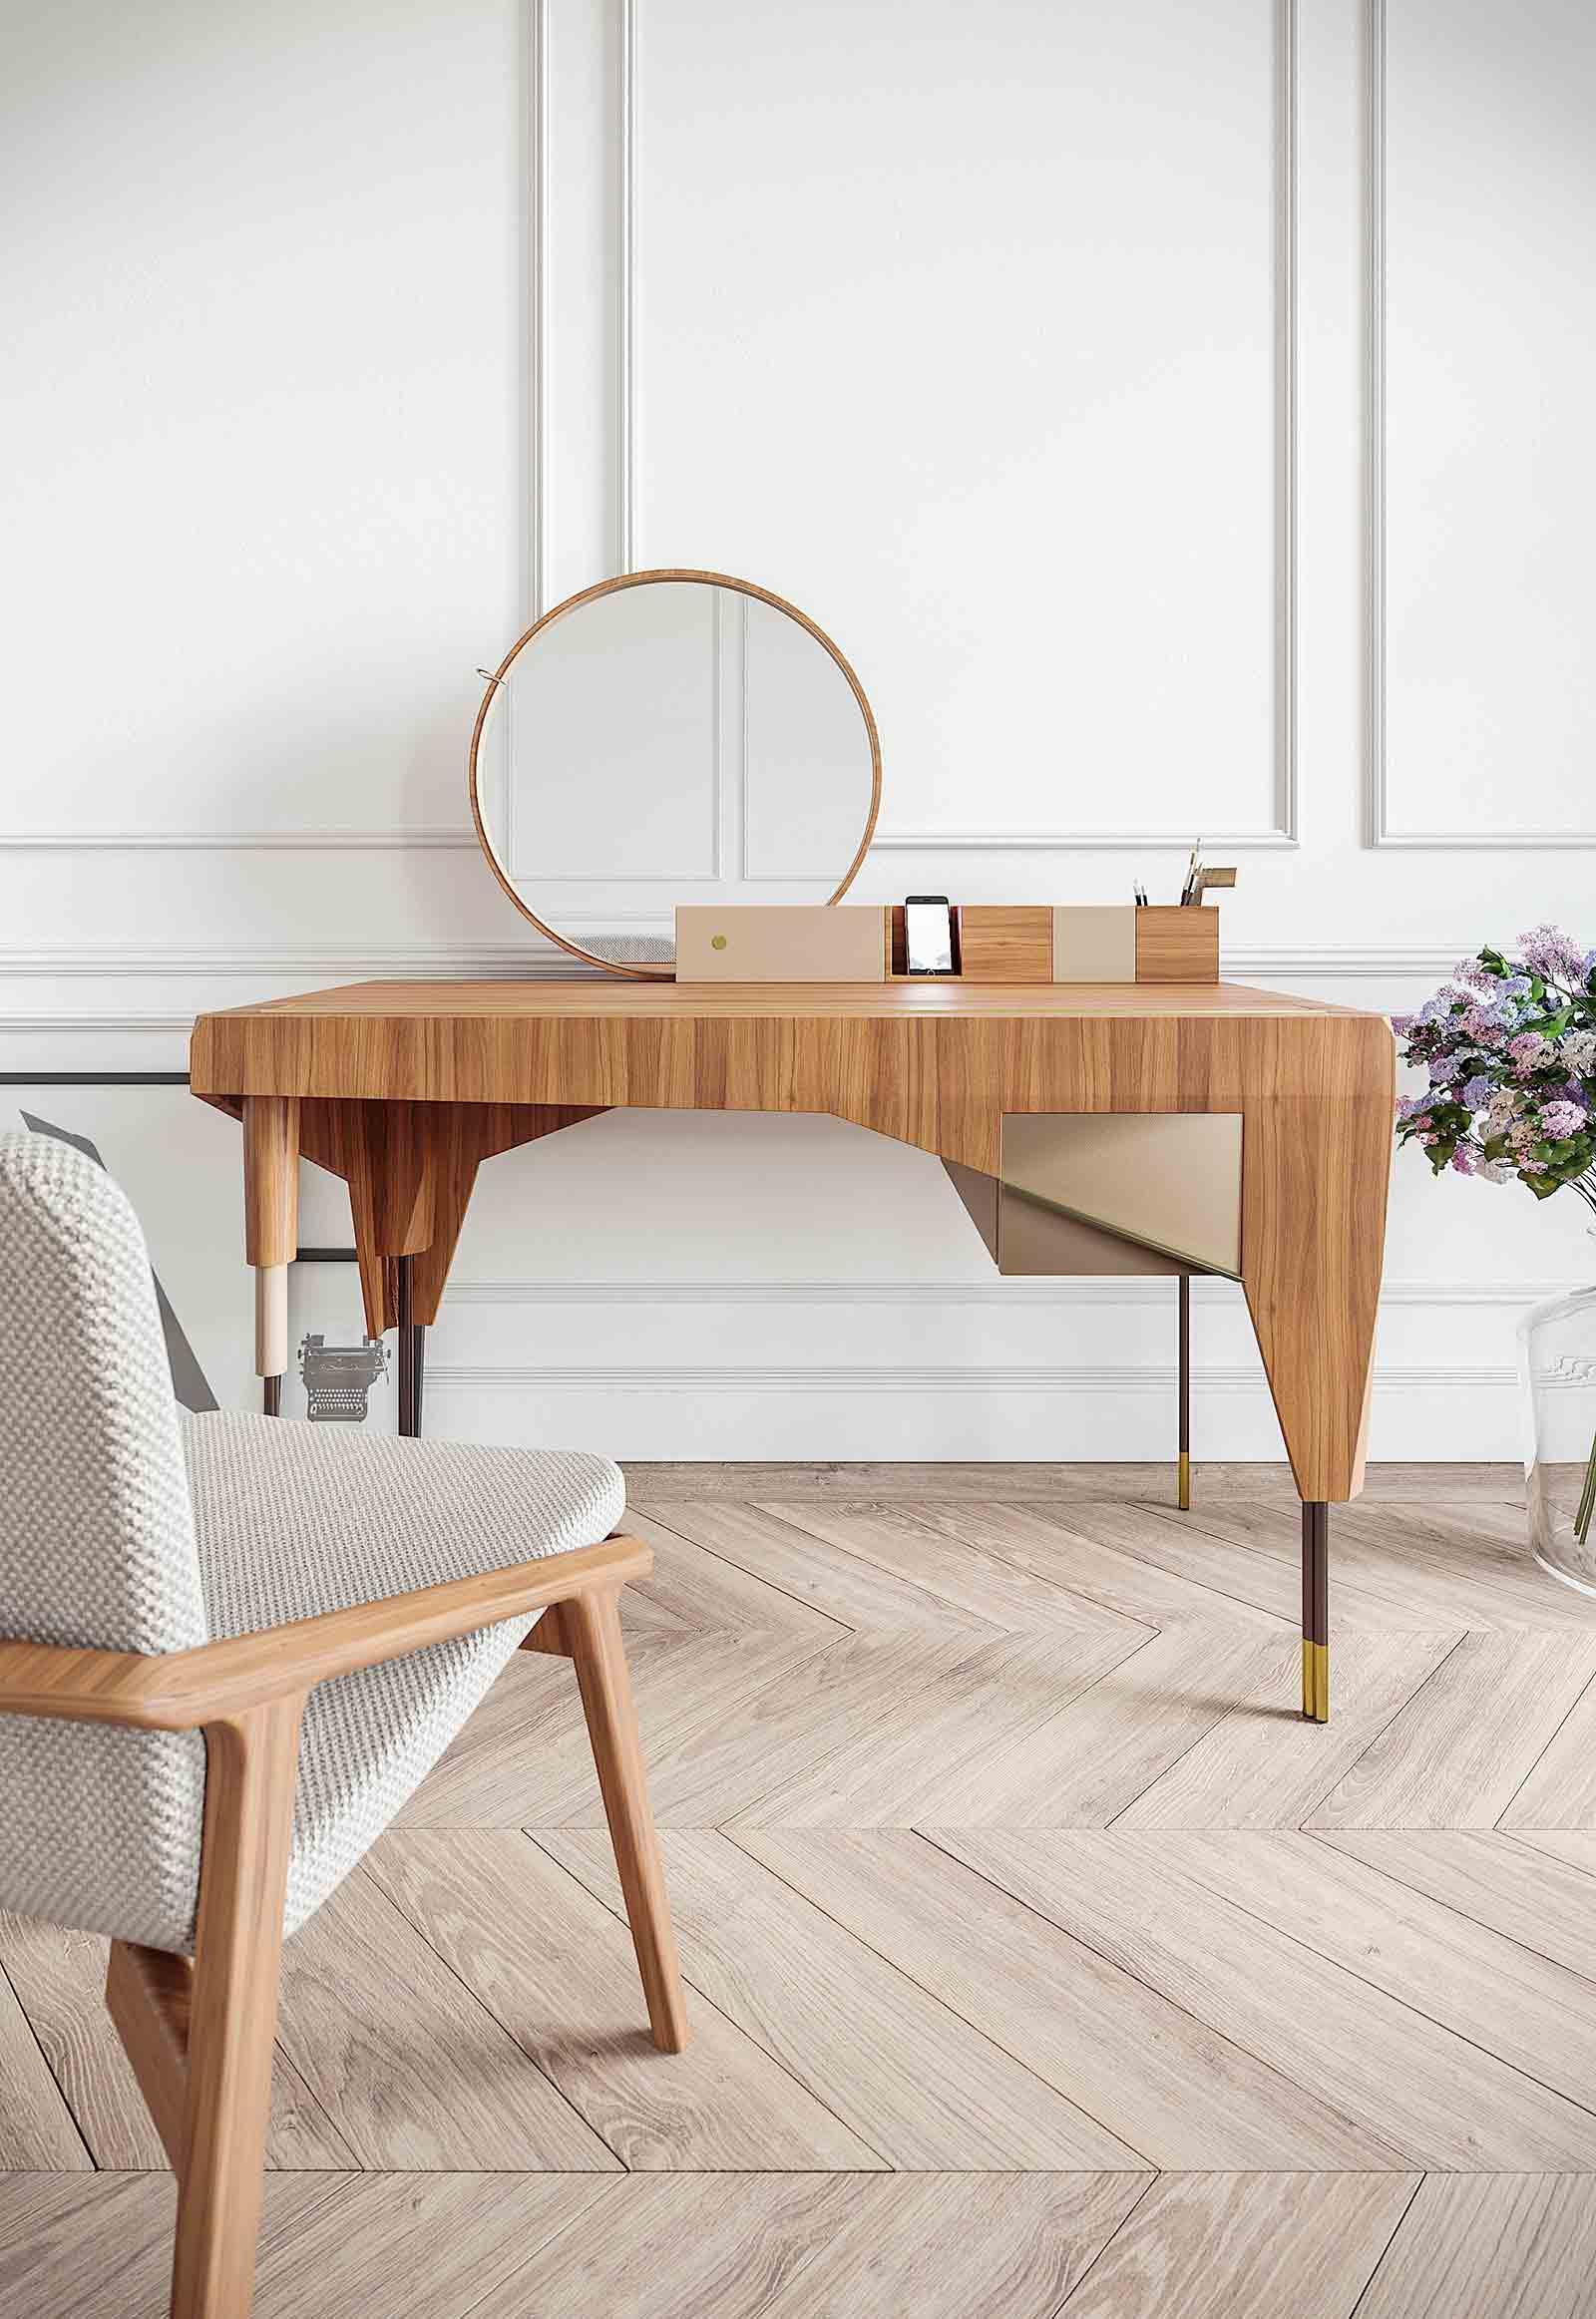 porada-contest-2019-desk-walnut-brass-theline-4